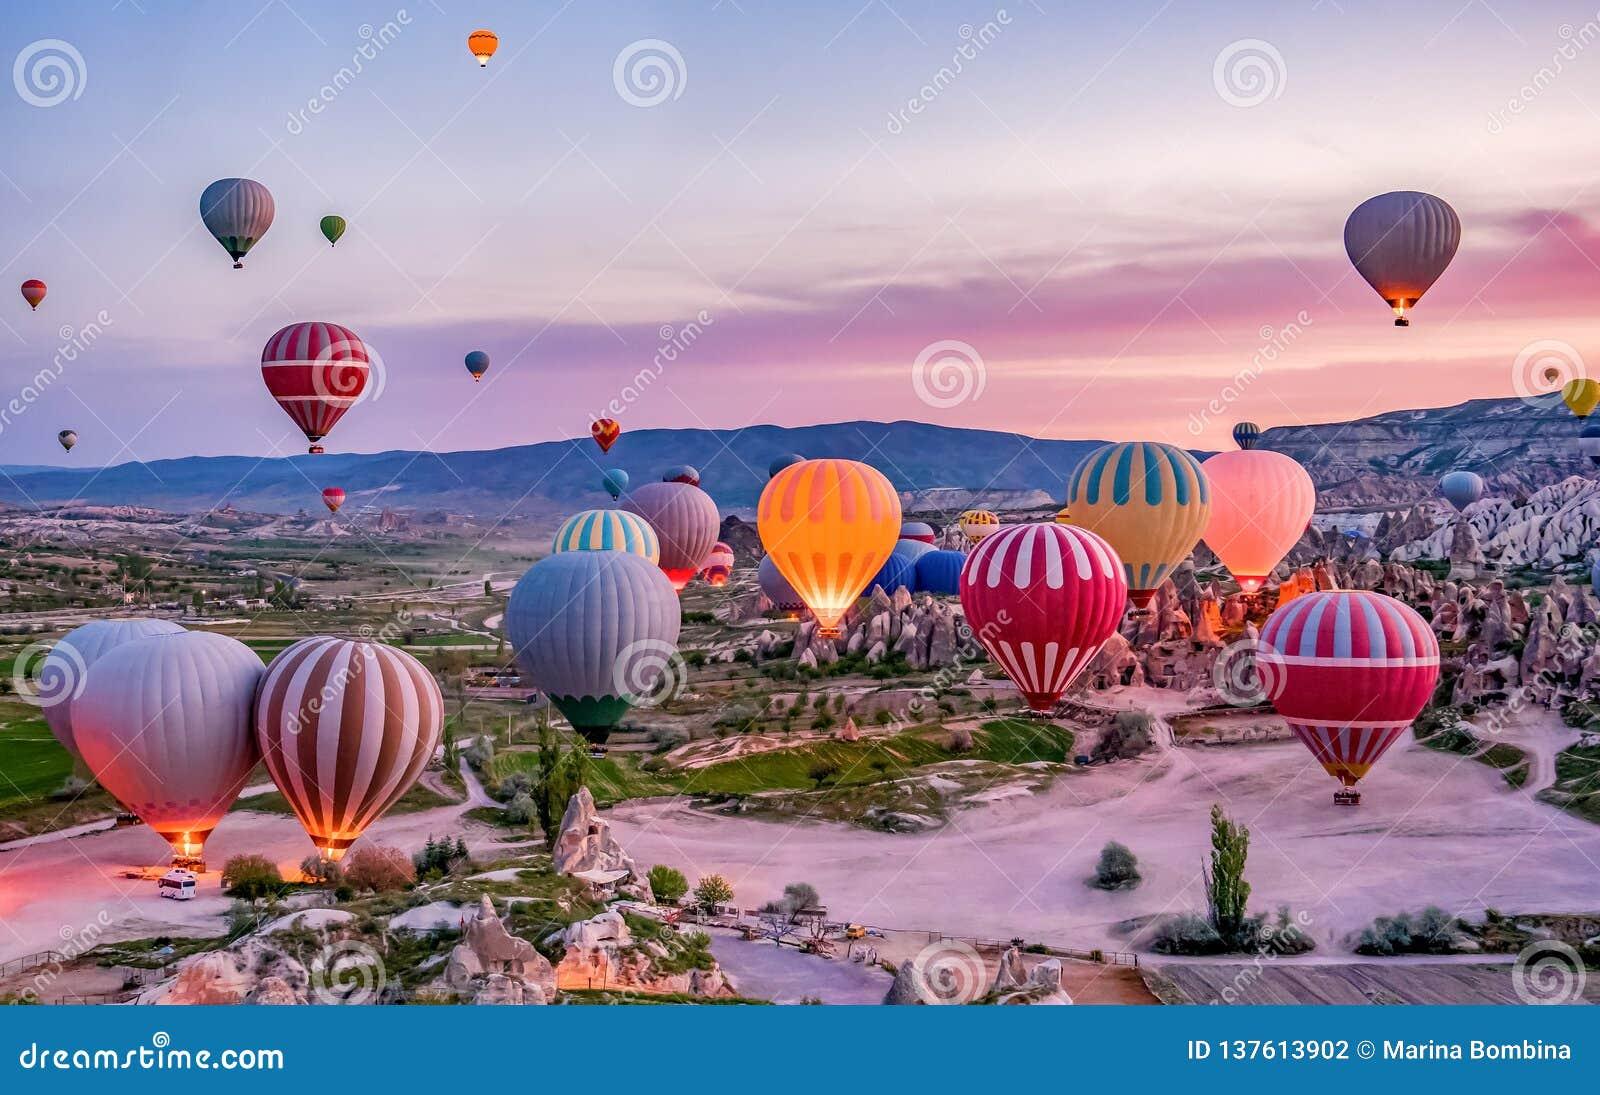 Kleurrijke hete luchtballons vóór lancering in het nationale park van Goreme, Cappadocia, Turkije